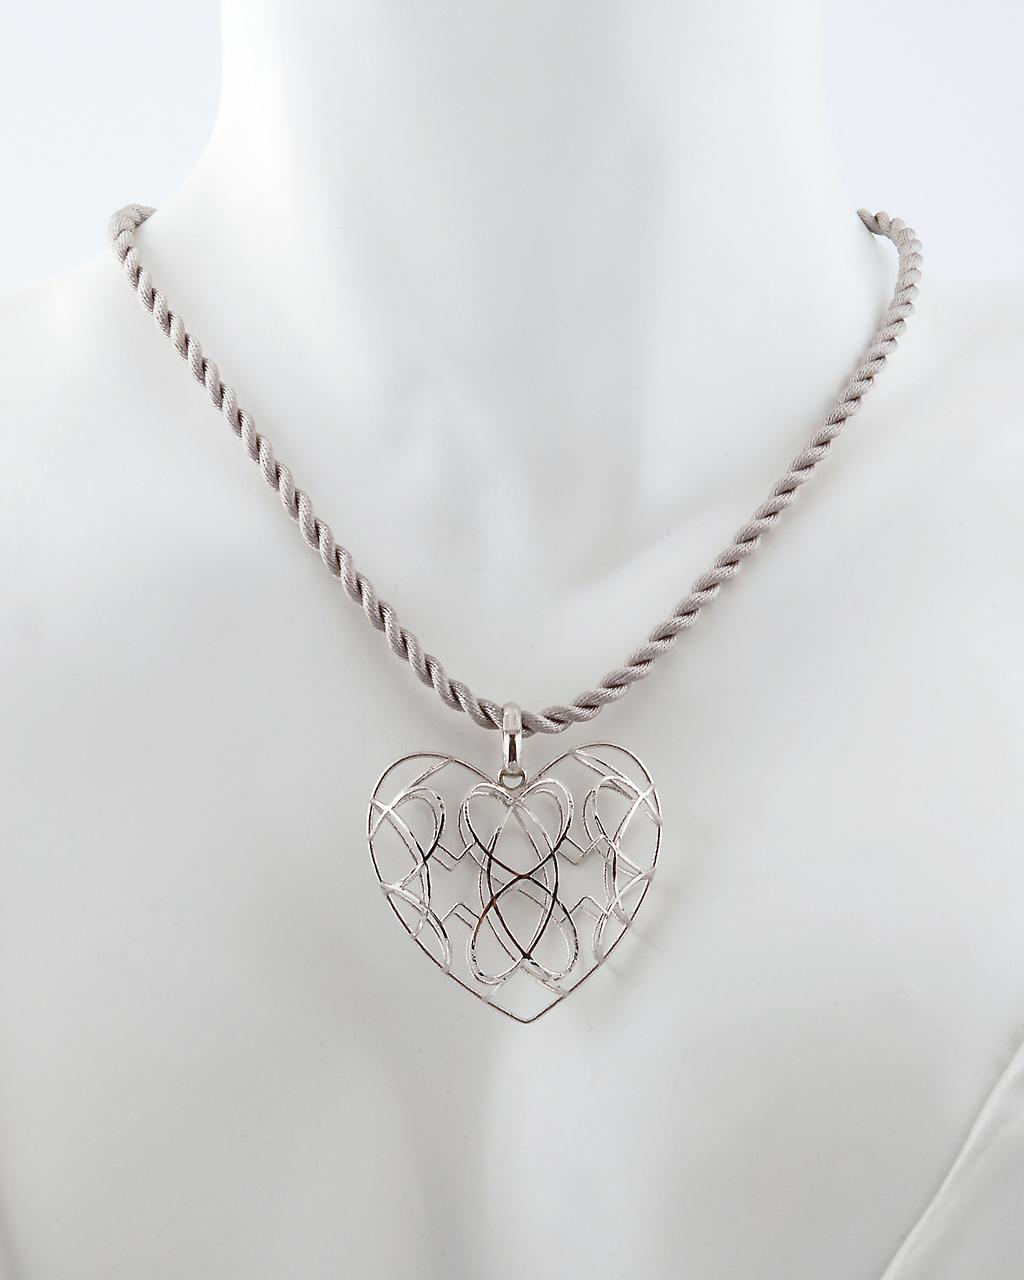 Κρεμαστό καρδιά λευκόχρυσο Κ18   γυναικα κρεμαστά κολιέ κρεμαστά κολιέ καρδιές